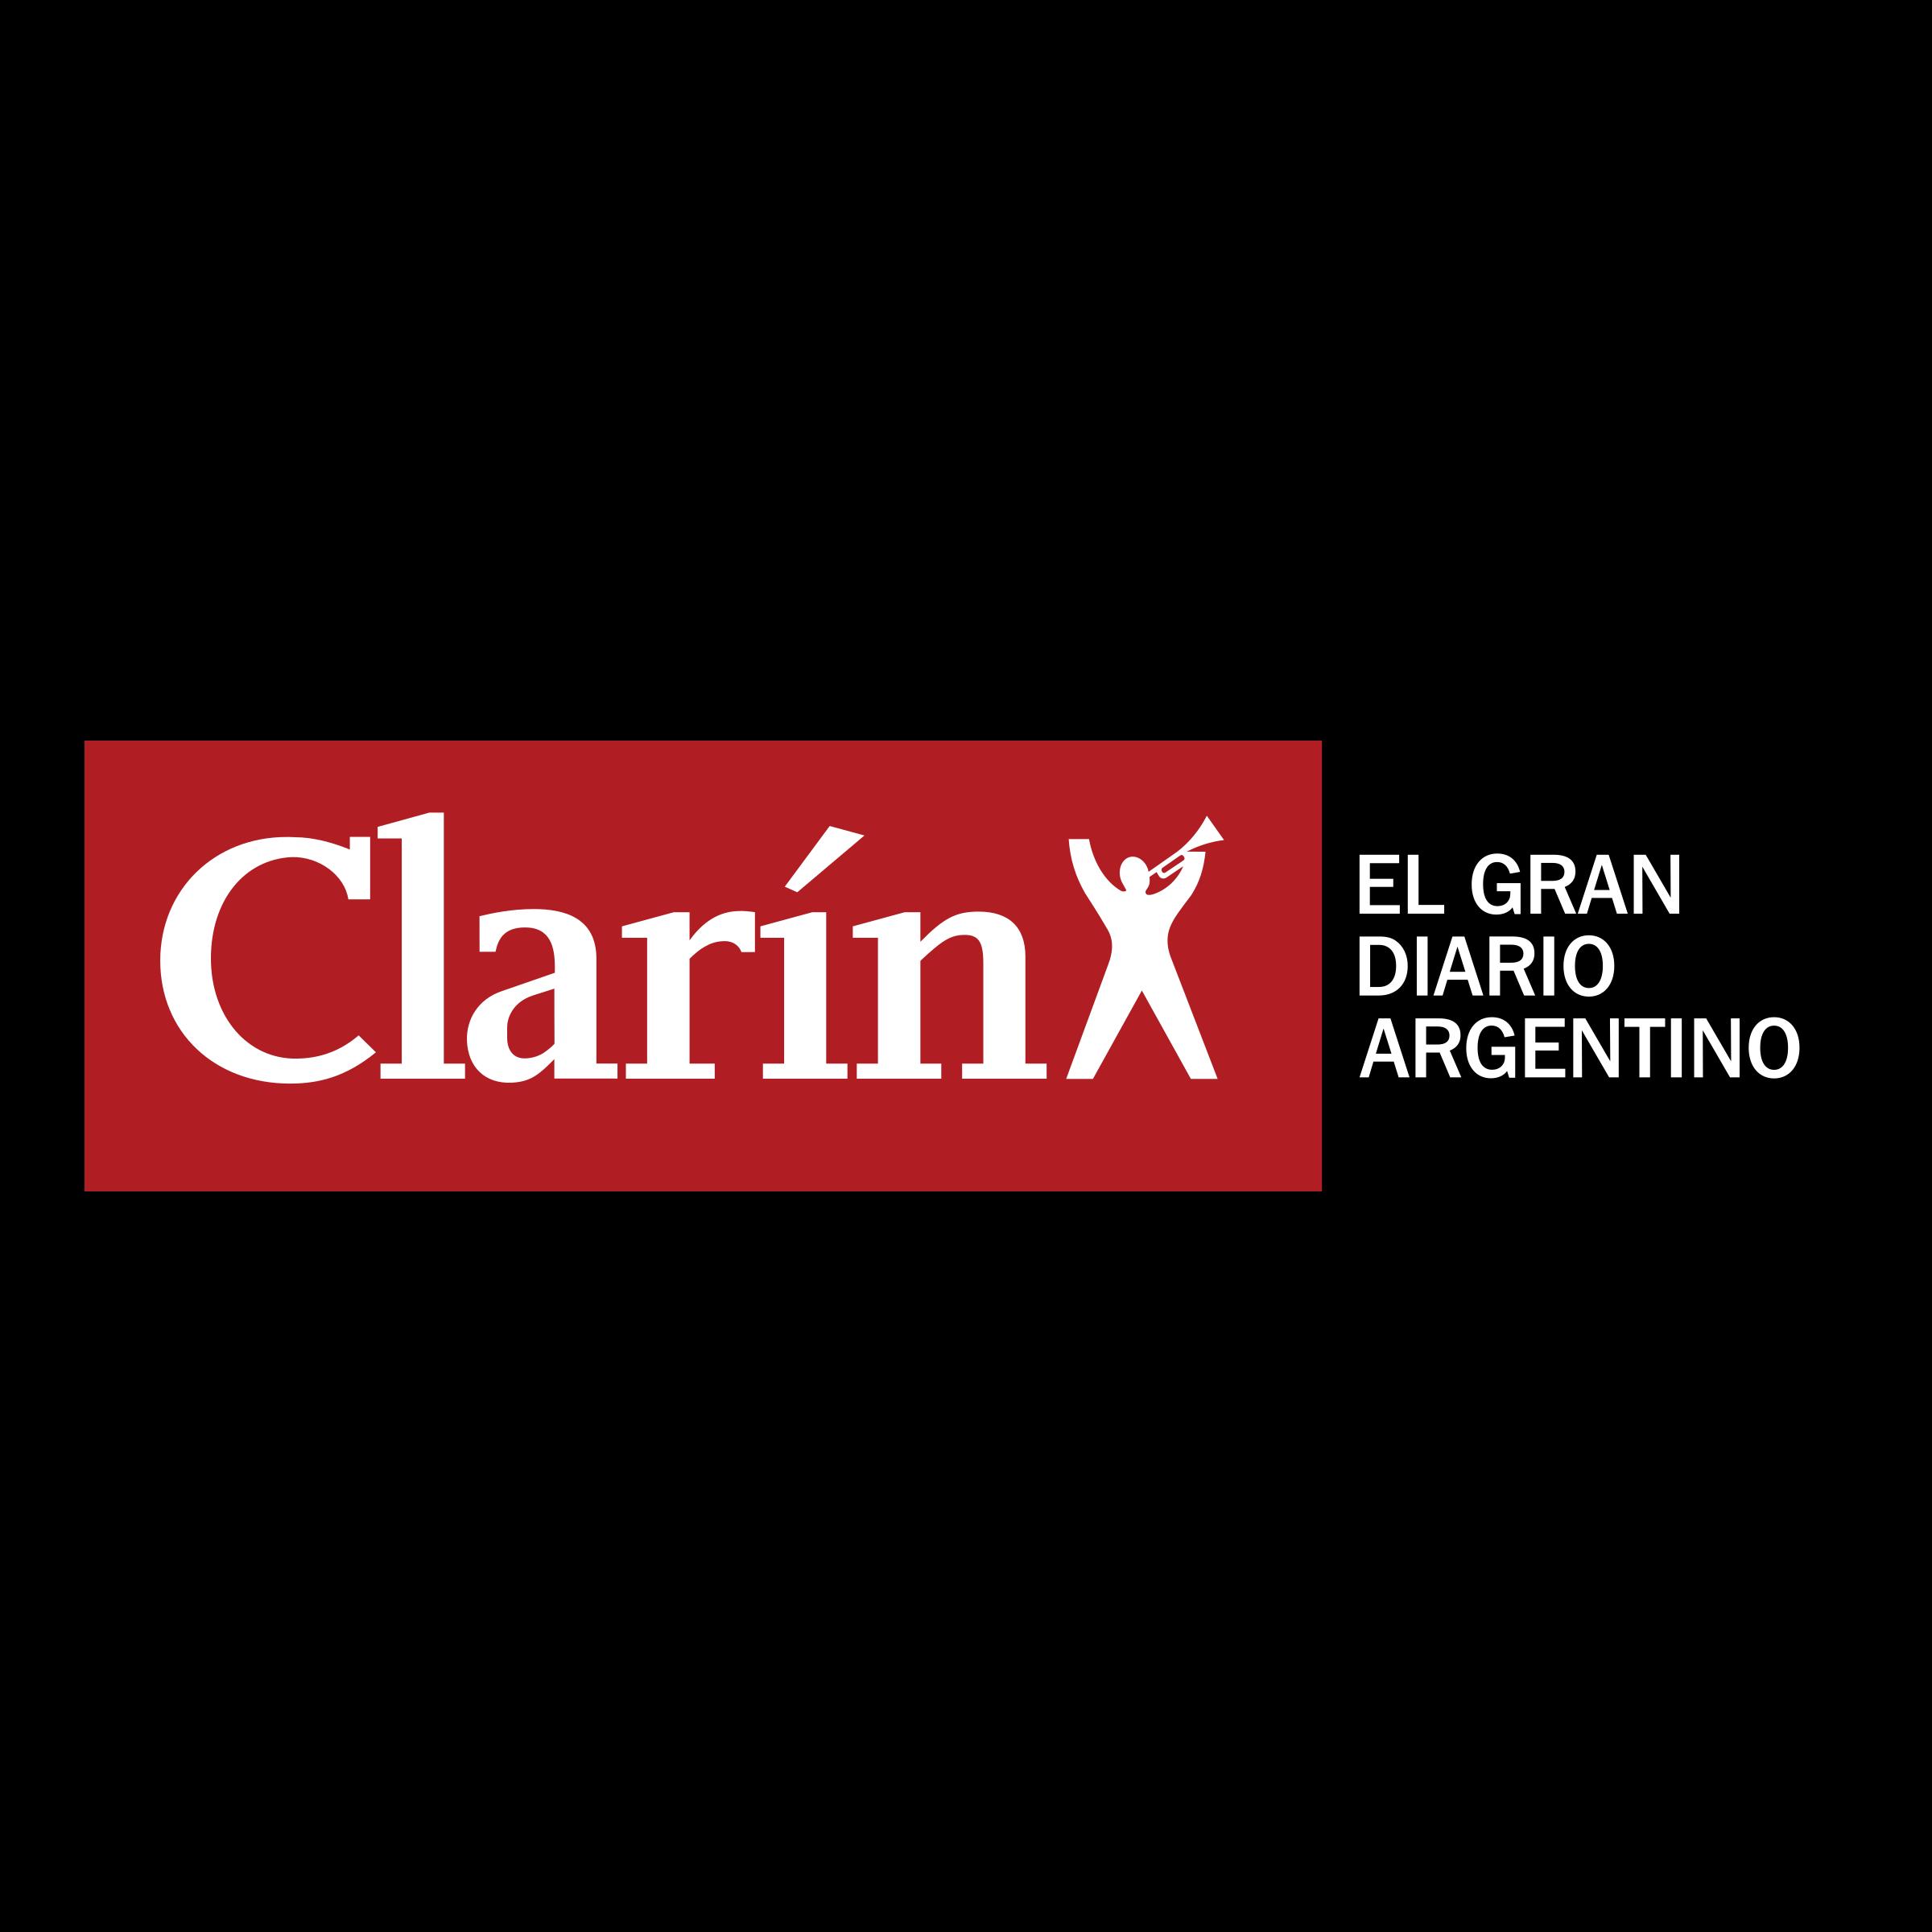 clarin-1-logo-png-transparent.png